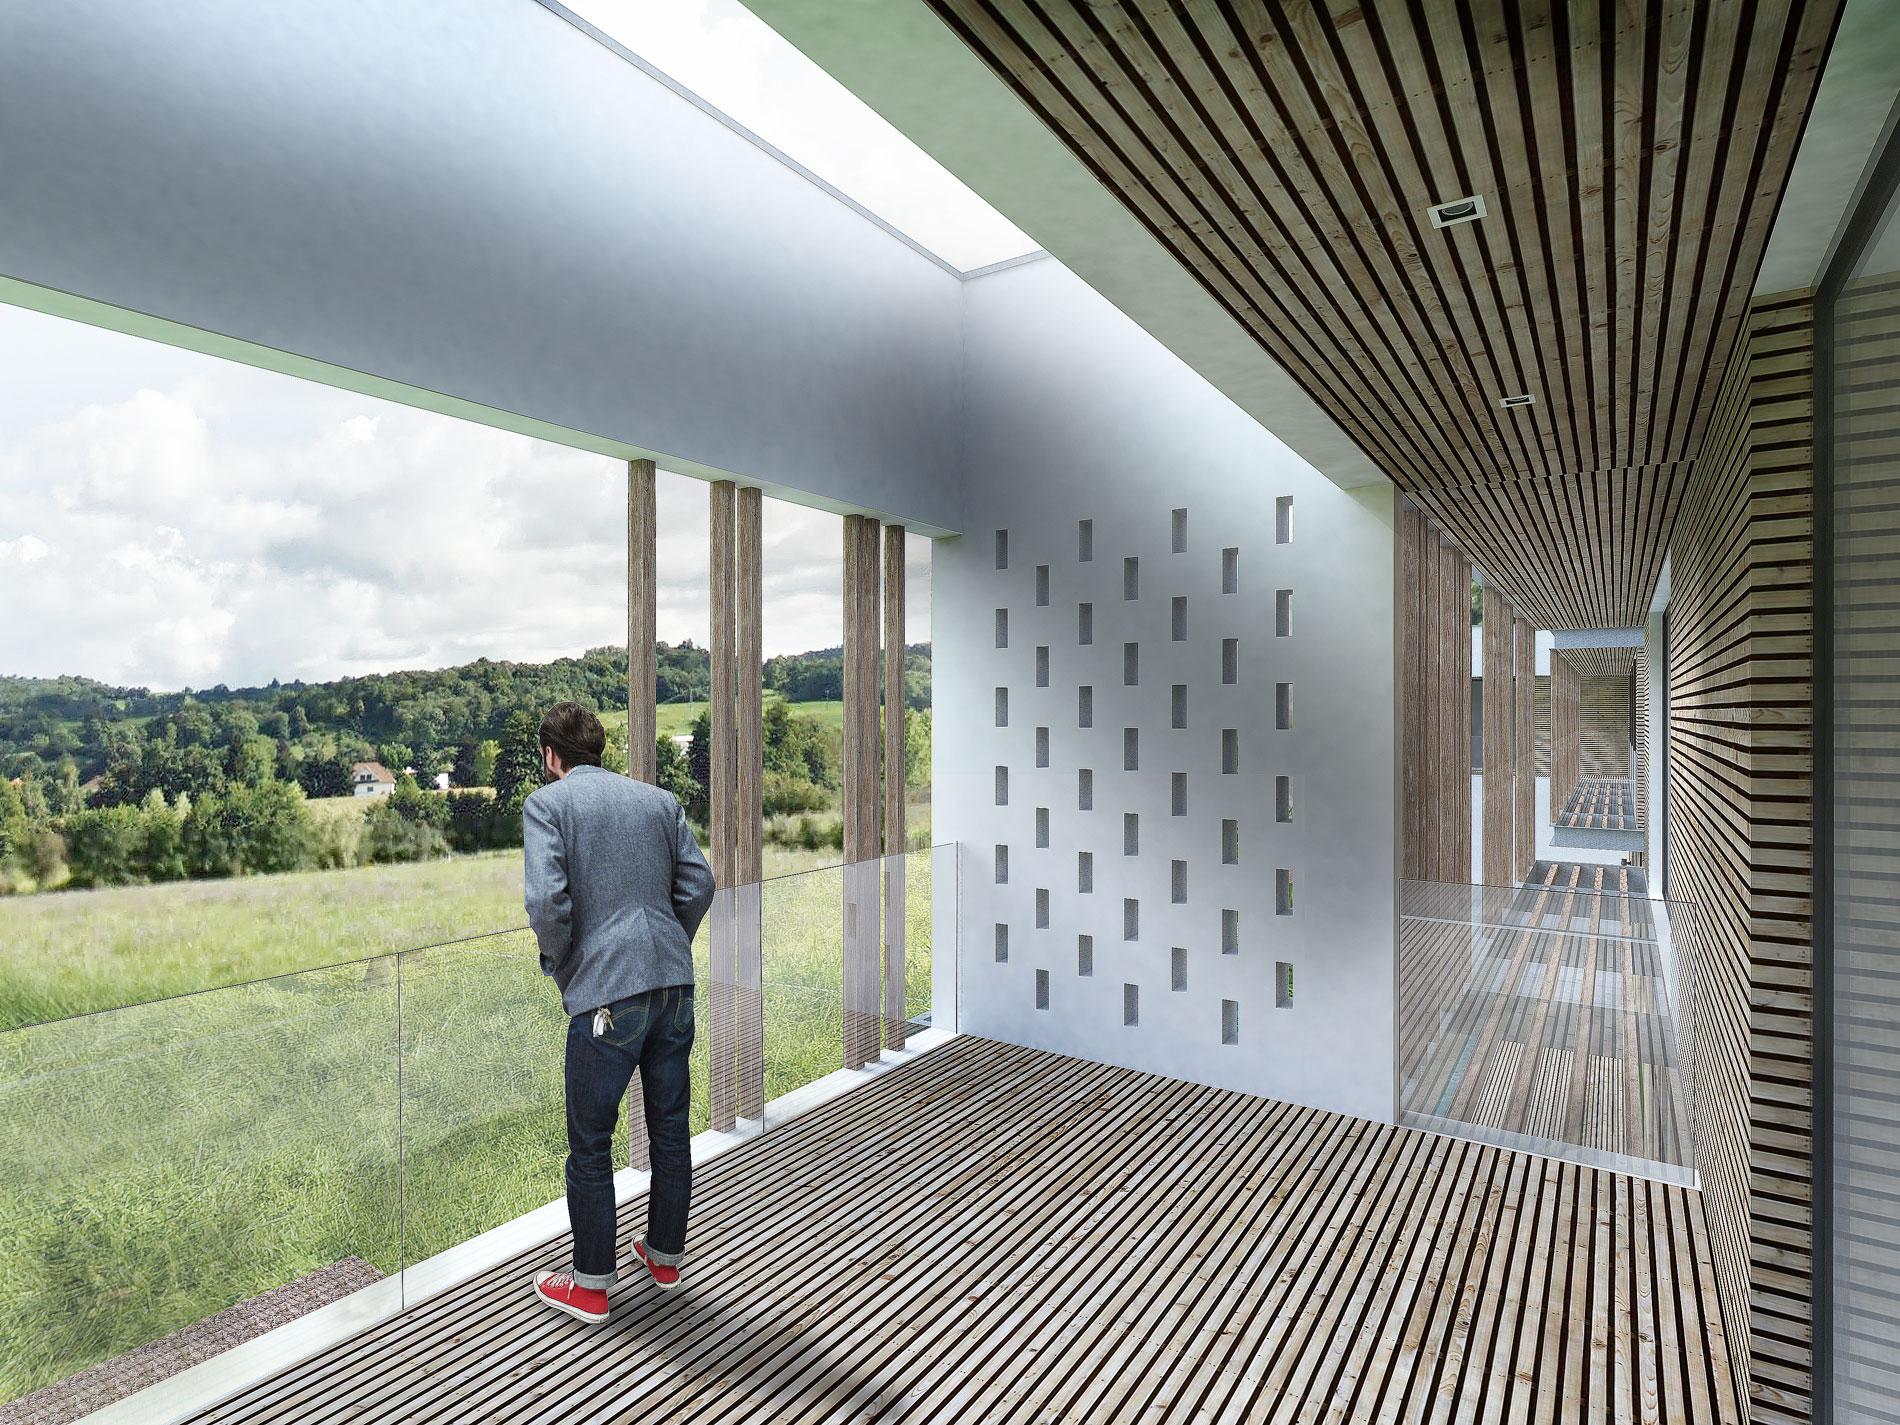 maison-contemporaine-toiture-terrasse-bois-metal-brique-piscine-spa-1